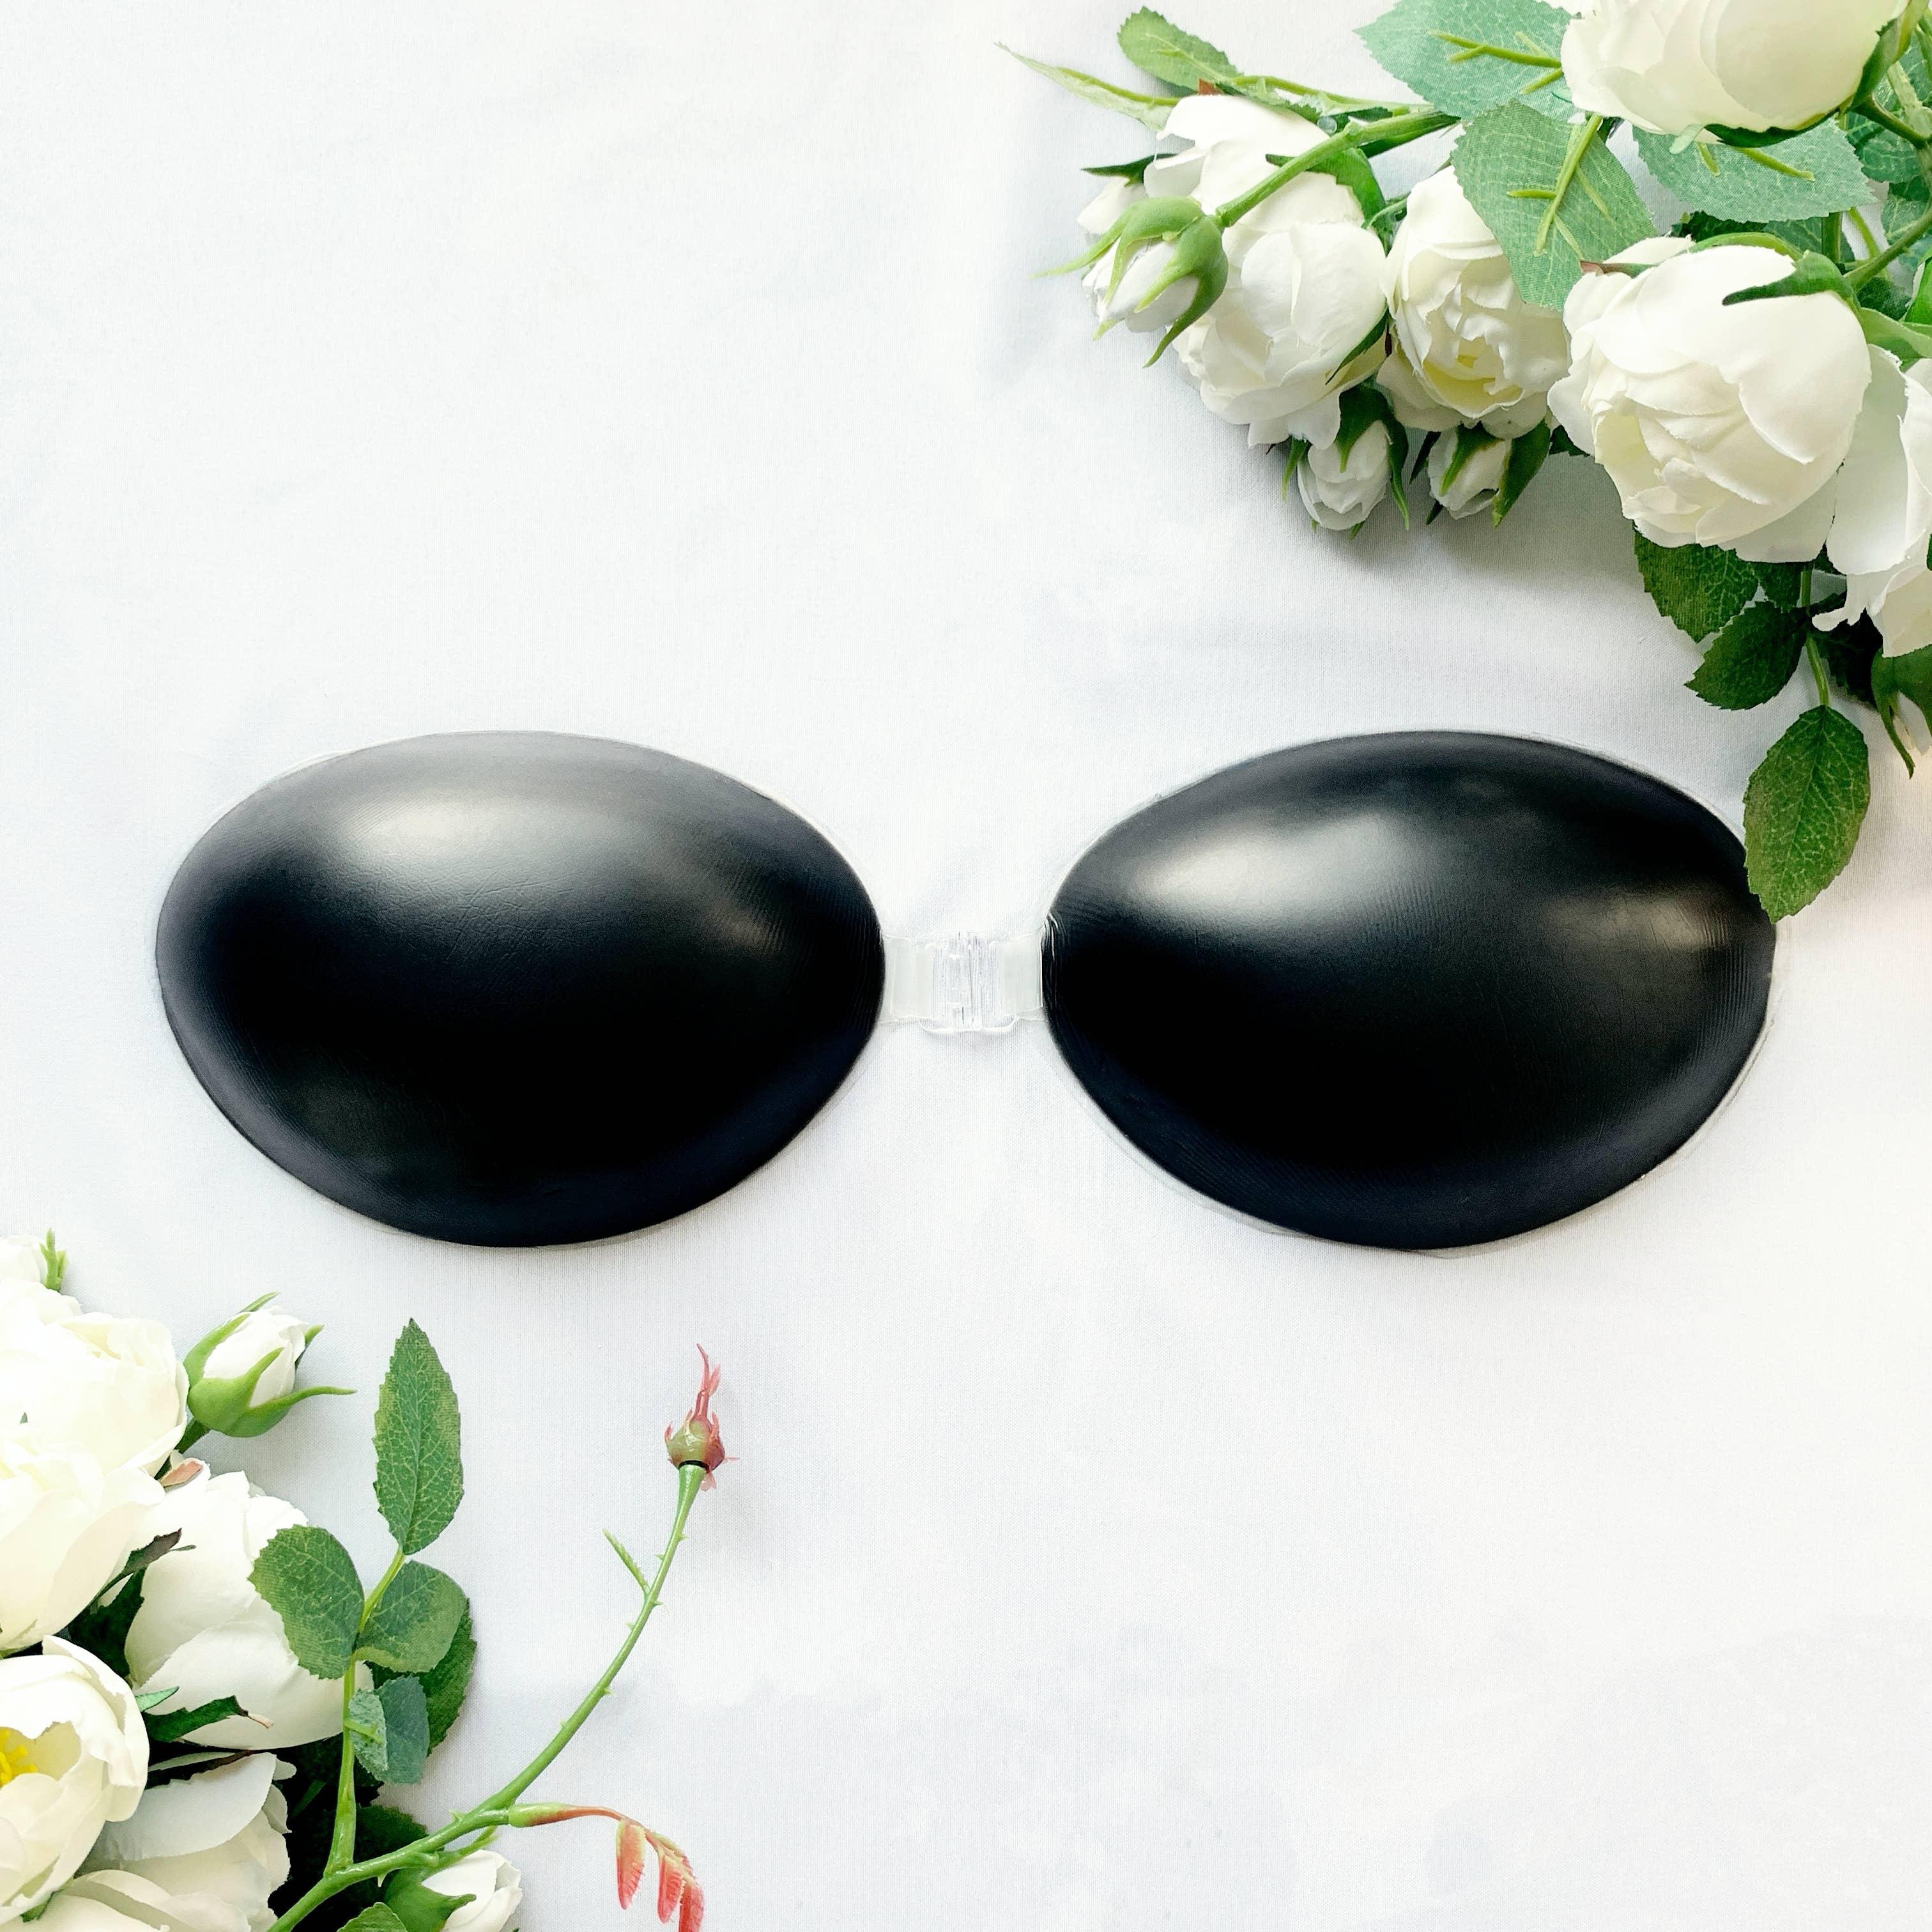 Silicone Bra - Black | Trada Marketplace